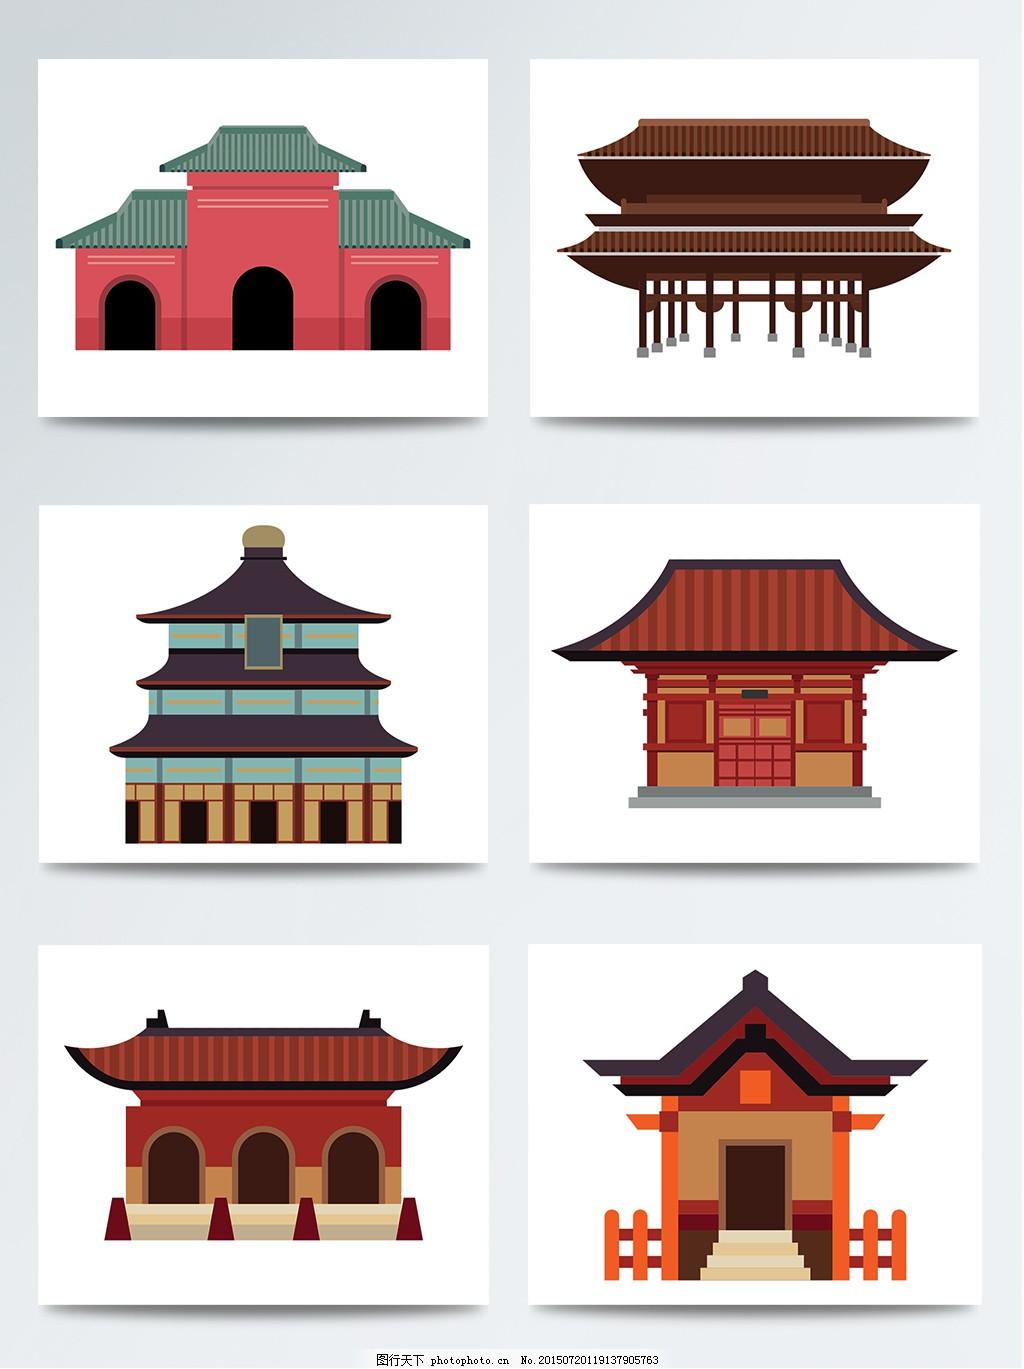 扁平化 扁平建筑 古代建筑 古建筑 建筑 日本 日式建筑 手绘建筑 中式